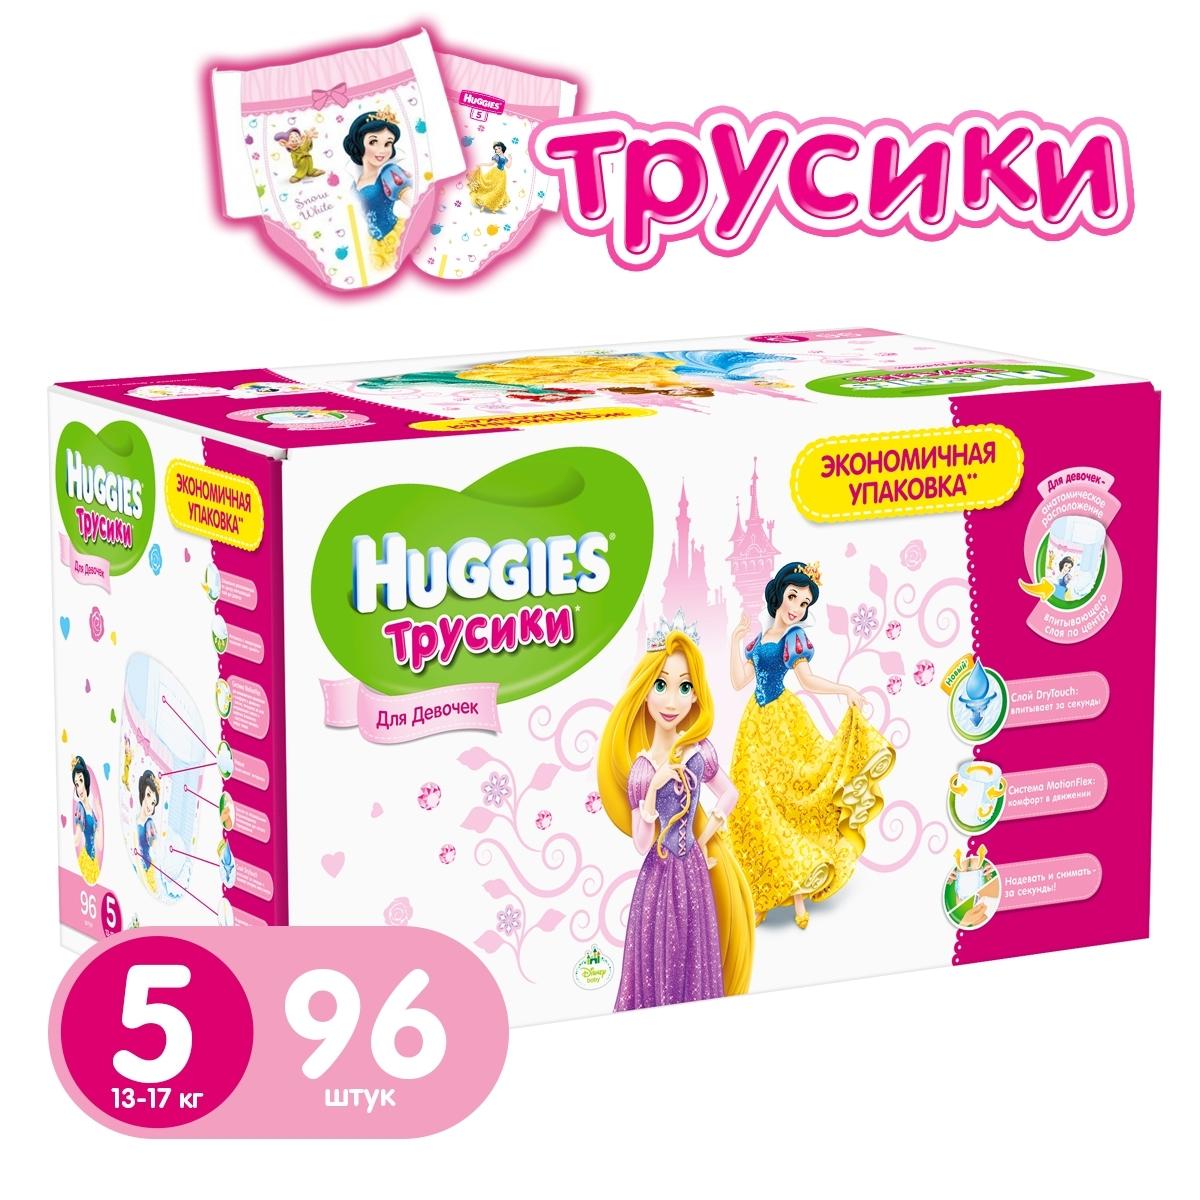 Трусики Huggies для девочек 13-17 кг (96 шт) Размер 5<br>